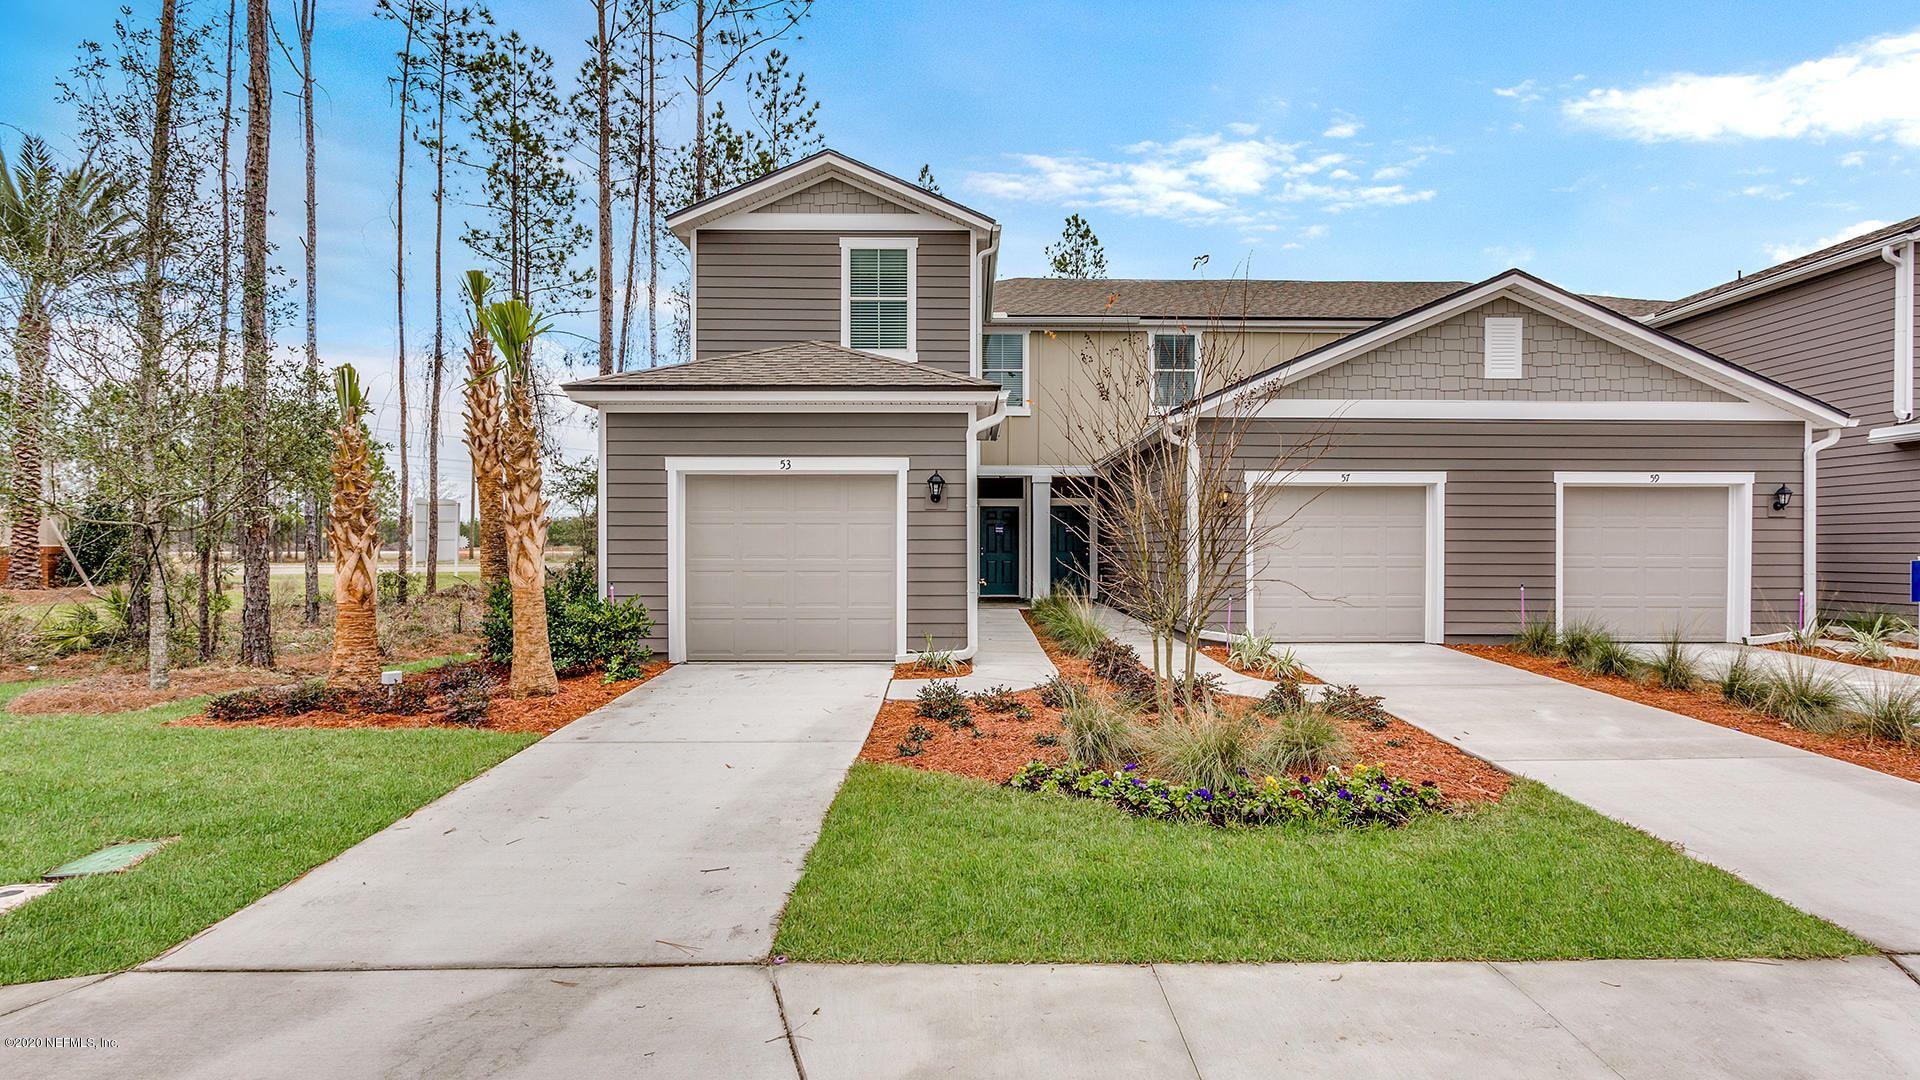 282 PISTACHIO PL #Lot No: 17, Jacksonville, FL 32216 - #: 1040106